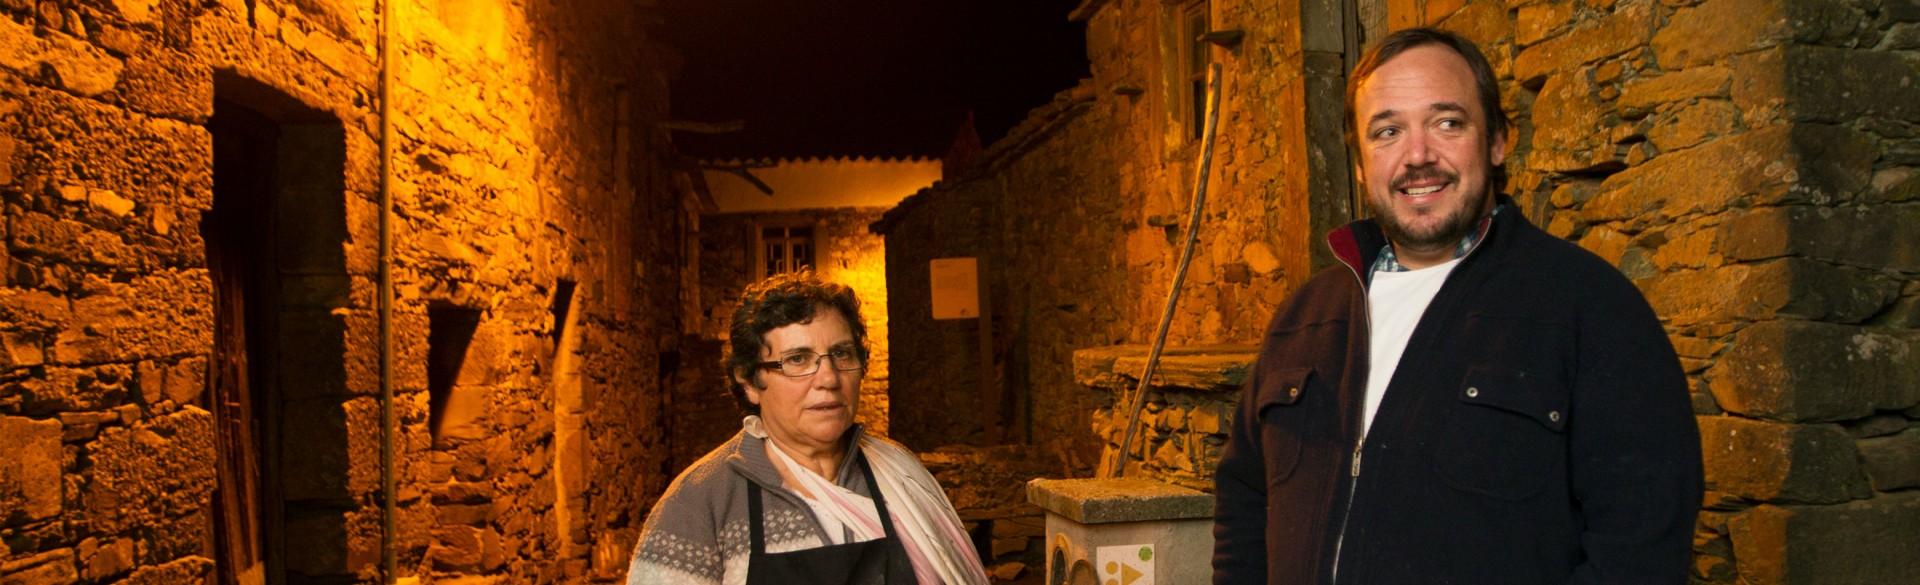 Os chefes Lúcia Matias e Rodrigo Castelo nas ruas da aldeia